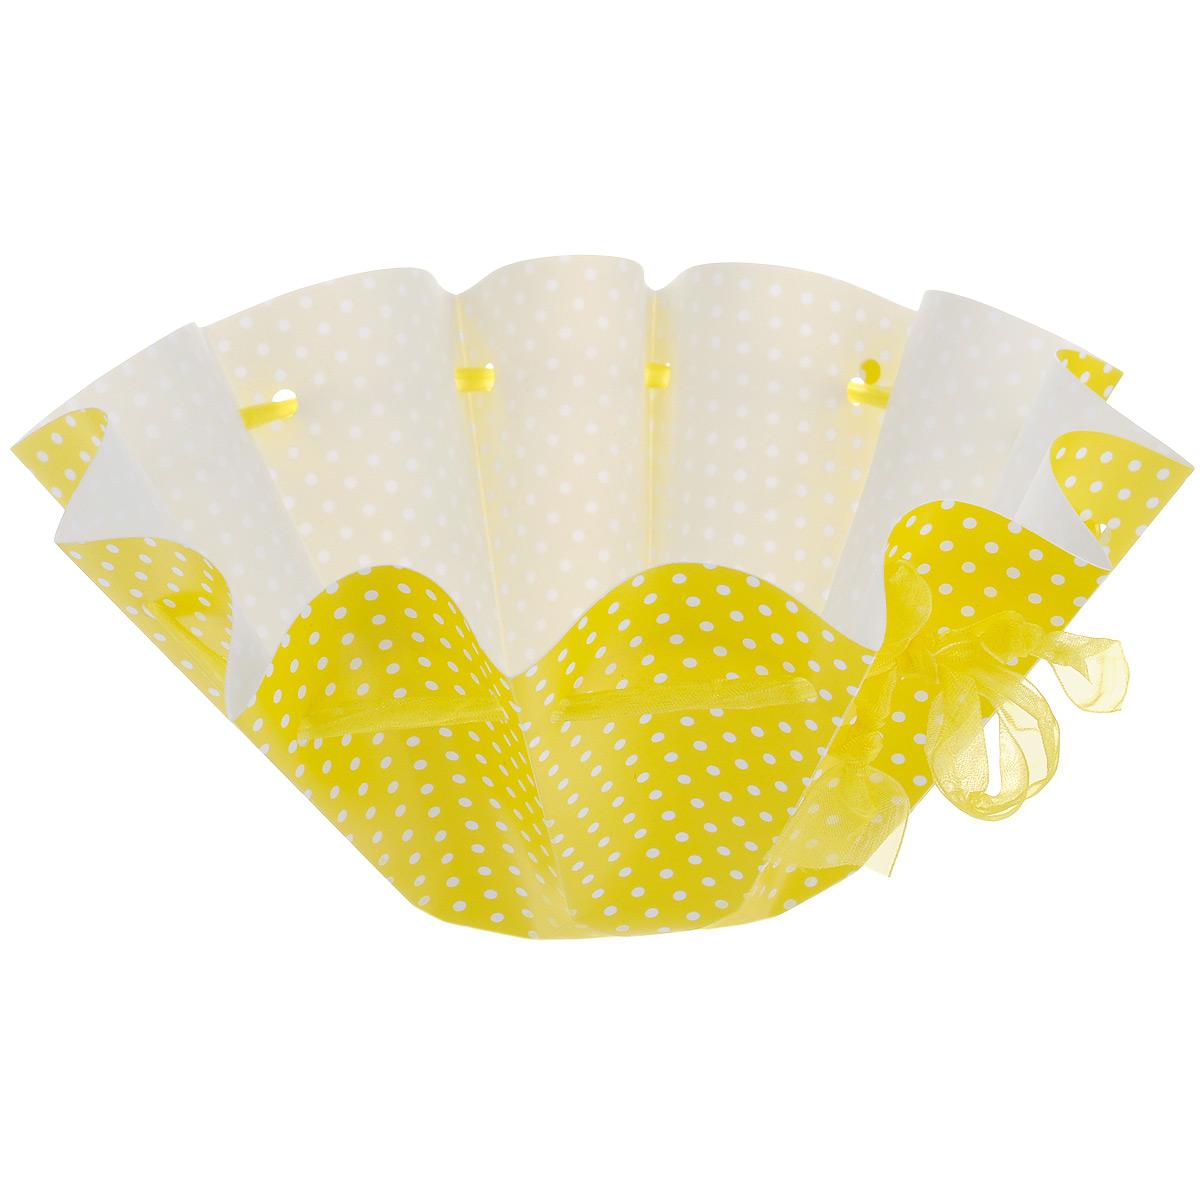 Корзинка Home Queen Яркость, цвет: желтый в горошек, диаметр 25 см68248_1Корзинка Home Queen Яркость с ярким принтом предназначена для украшения интерьера и сервировки стола. Изделие выполнено из полипропилена и оформлено ленточками, с помощью которых можно регулировать диаметр и высоту стенок корзинки. Такая оригинальная корзинка станет ярким украшением стола. Идеальный вариант для хранения и подачи на стол пасхальных яиц, куличей, хлеба.